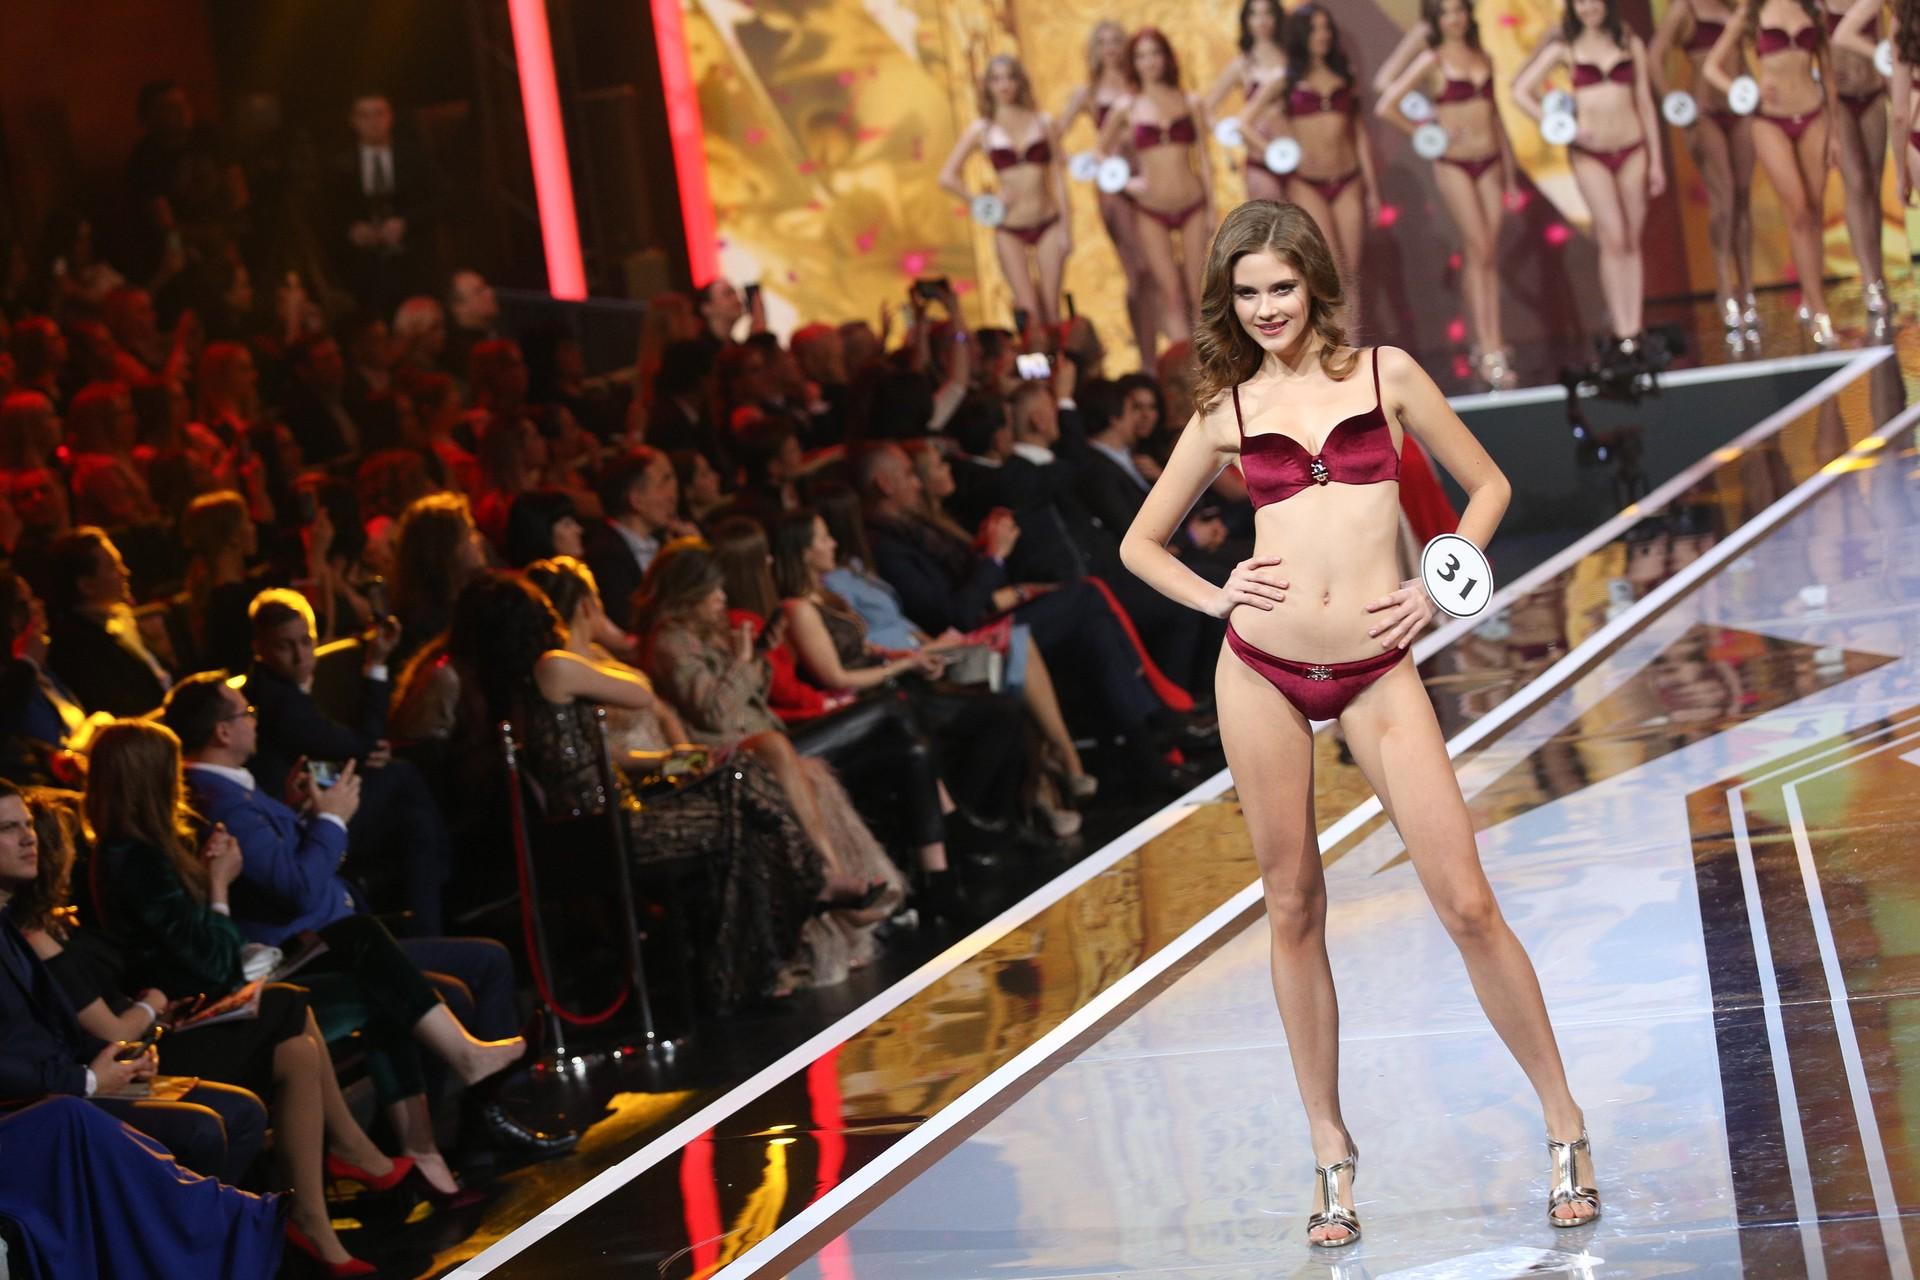 روسيا تختار ملكة جمال البلاد للعام 2019